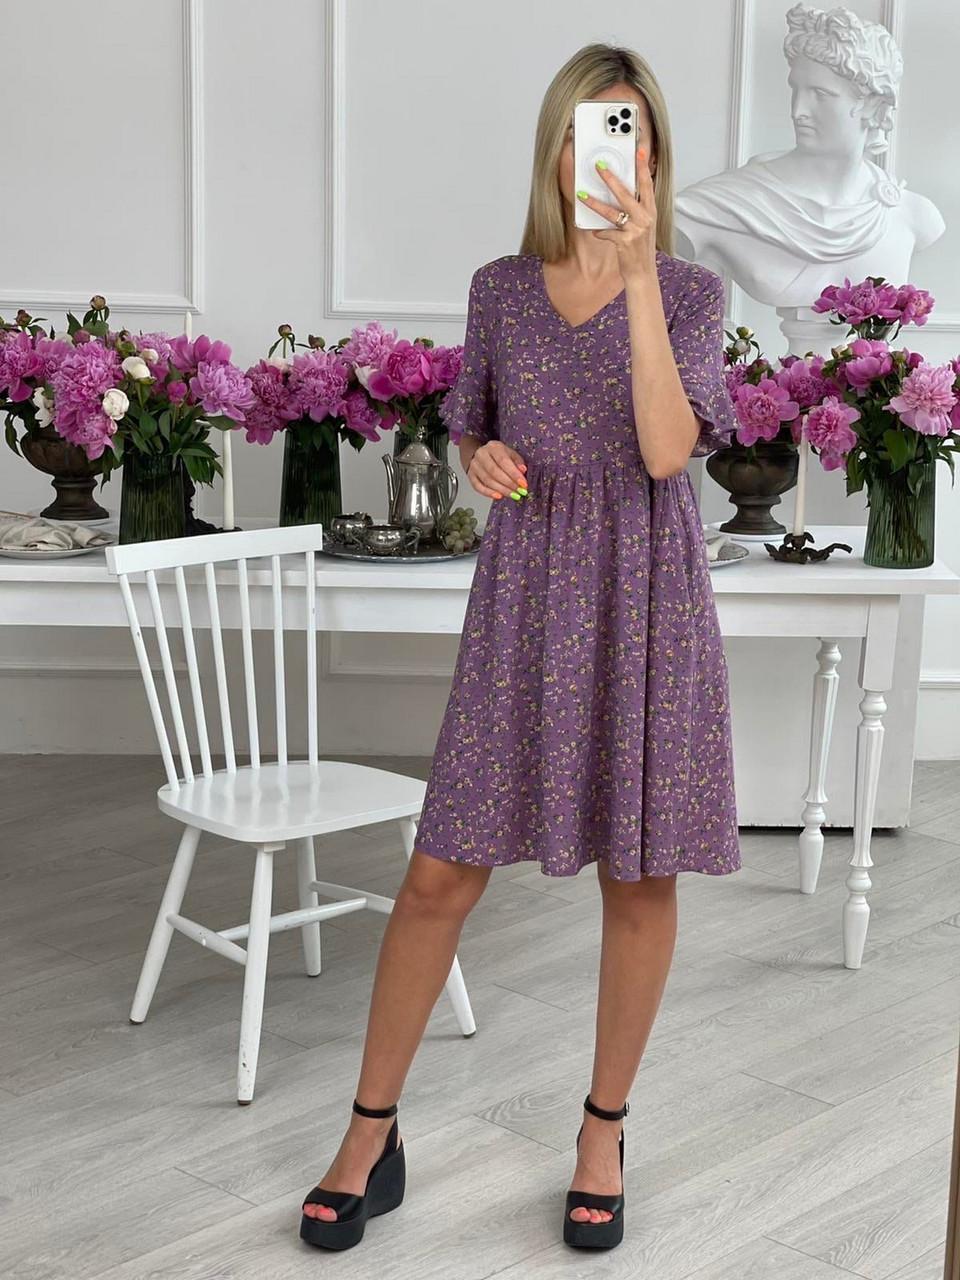 Практичное женское платье с цветочным принтом длиною до колен, карманы в боковых швах, 01026 (Фиолетовый),